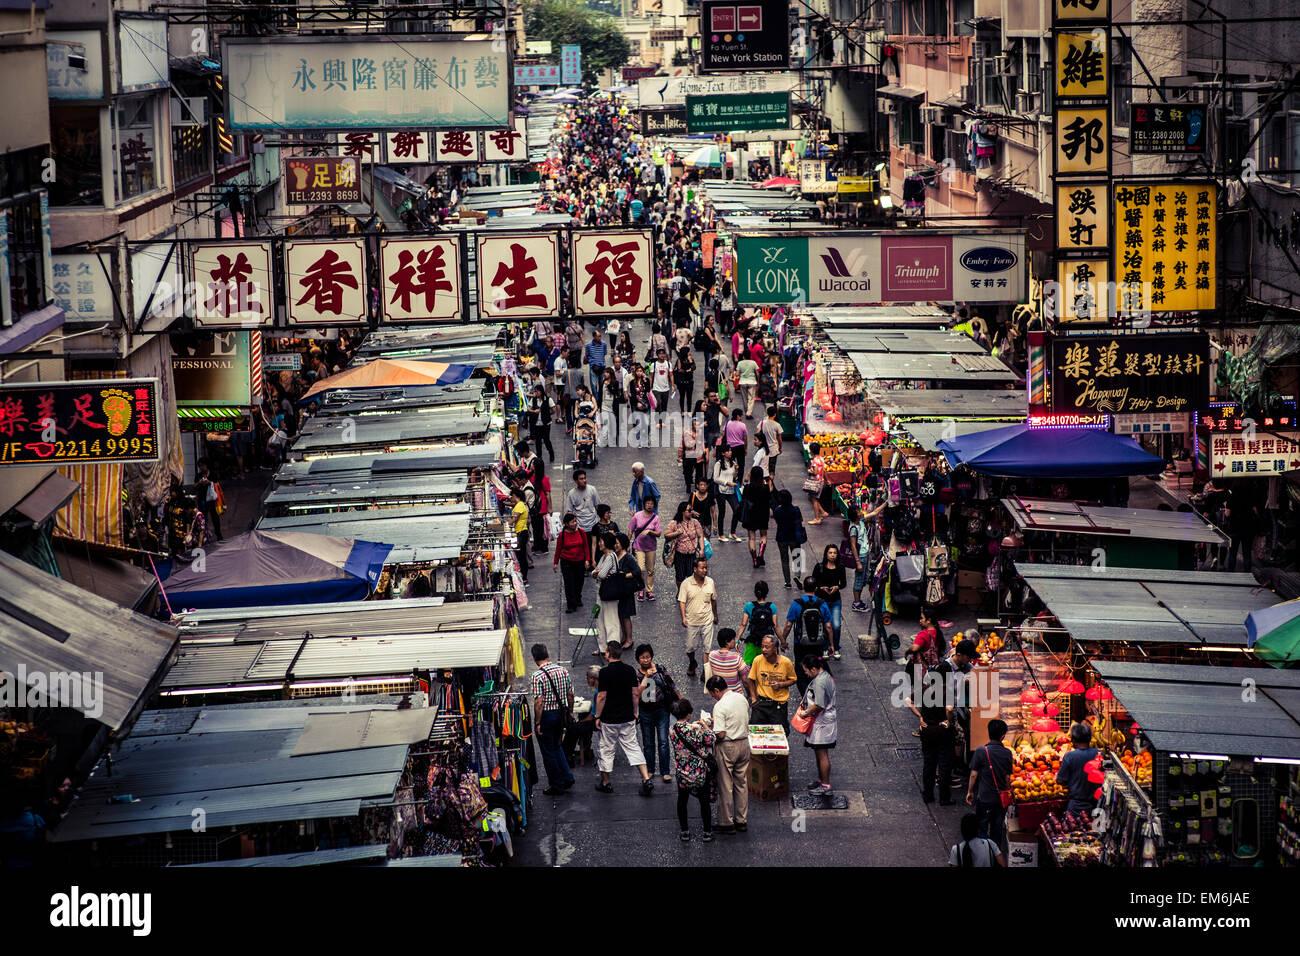 Fa Yuen Street Market in Hong Kong - Stock Image